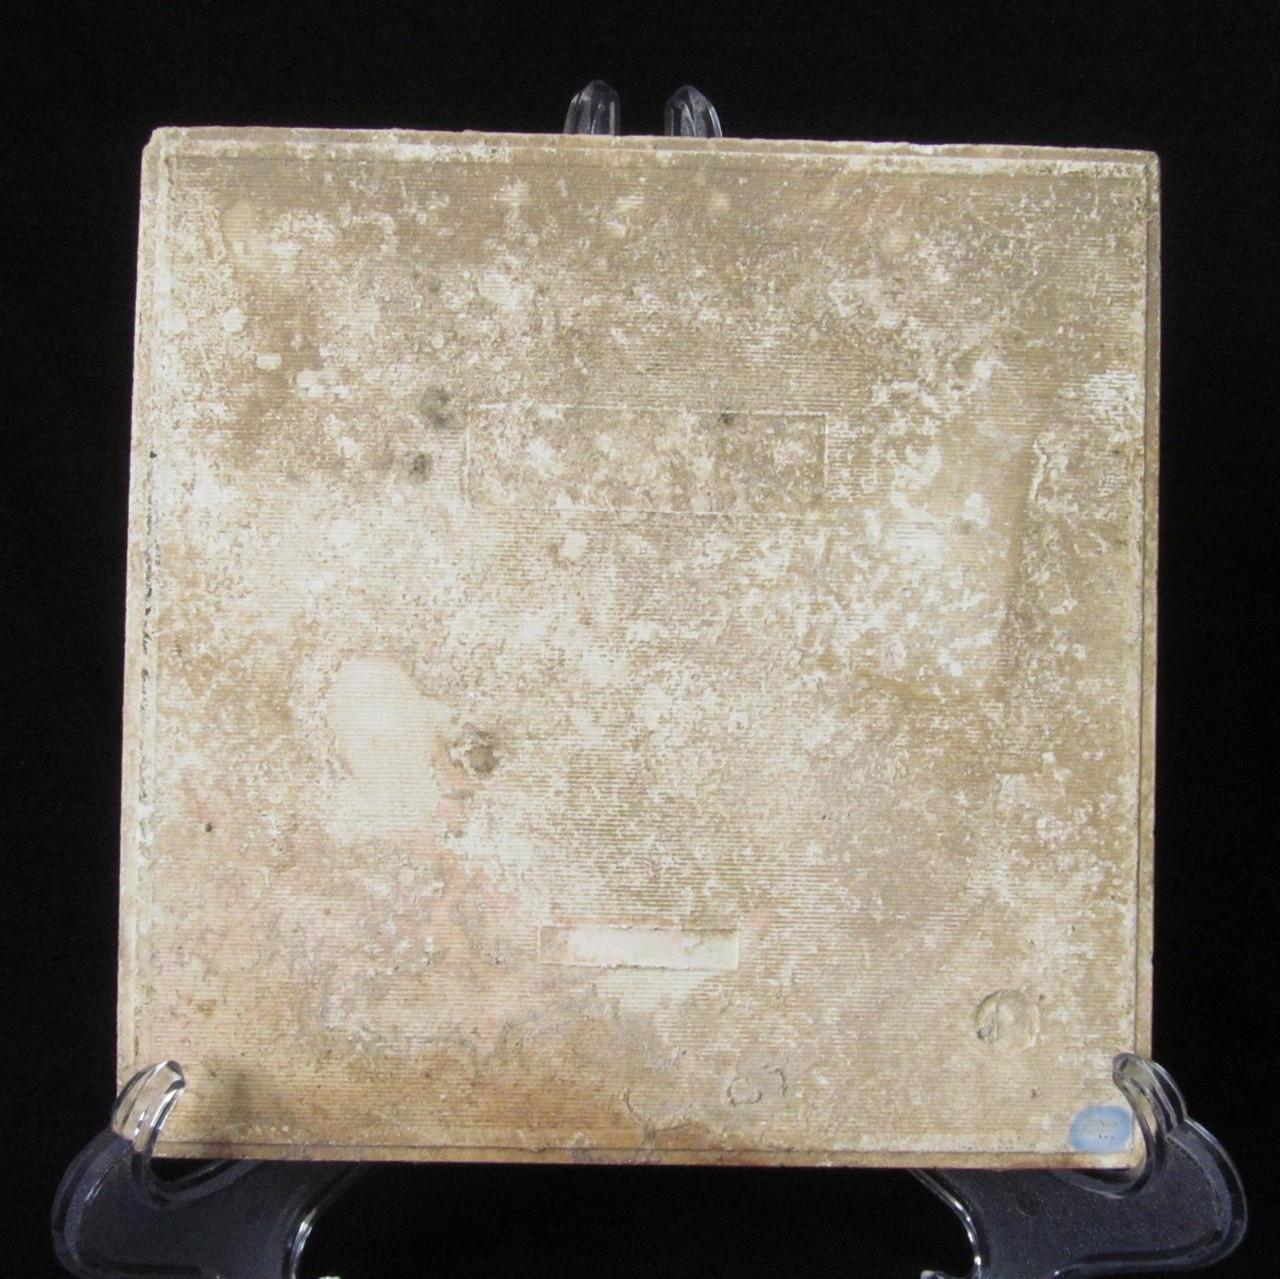 ANTIQUE ART NOUVEAU MAJOLICA TILE C1900 ENGLAND